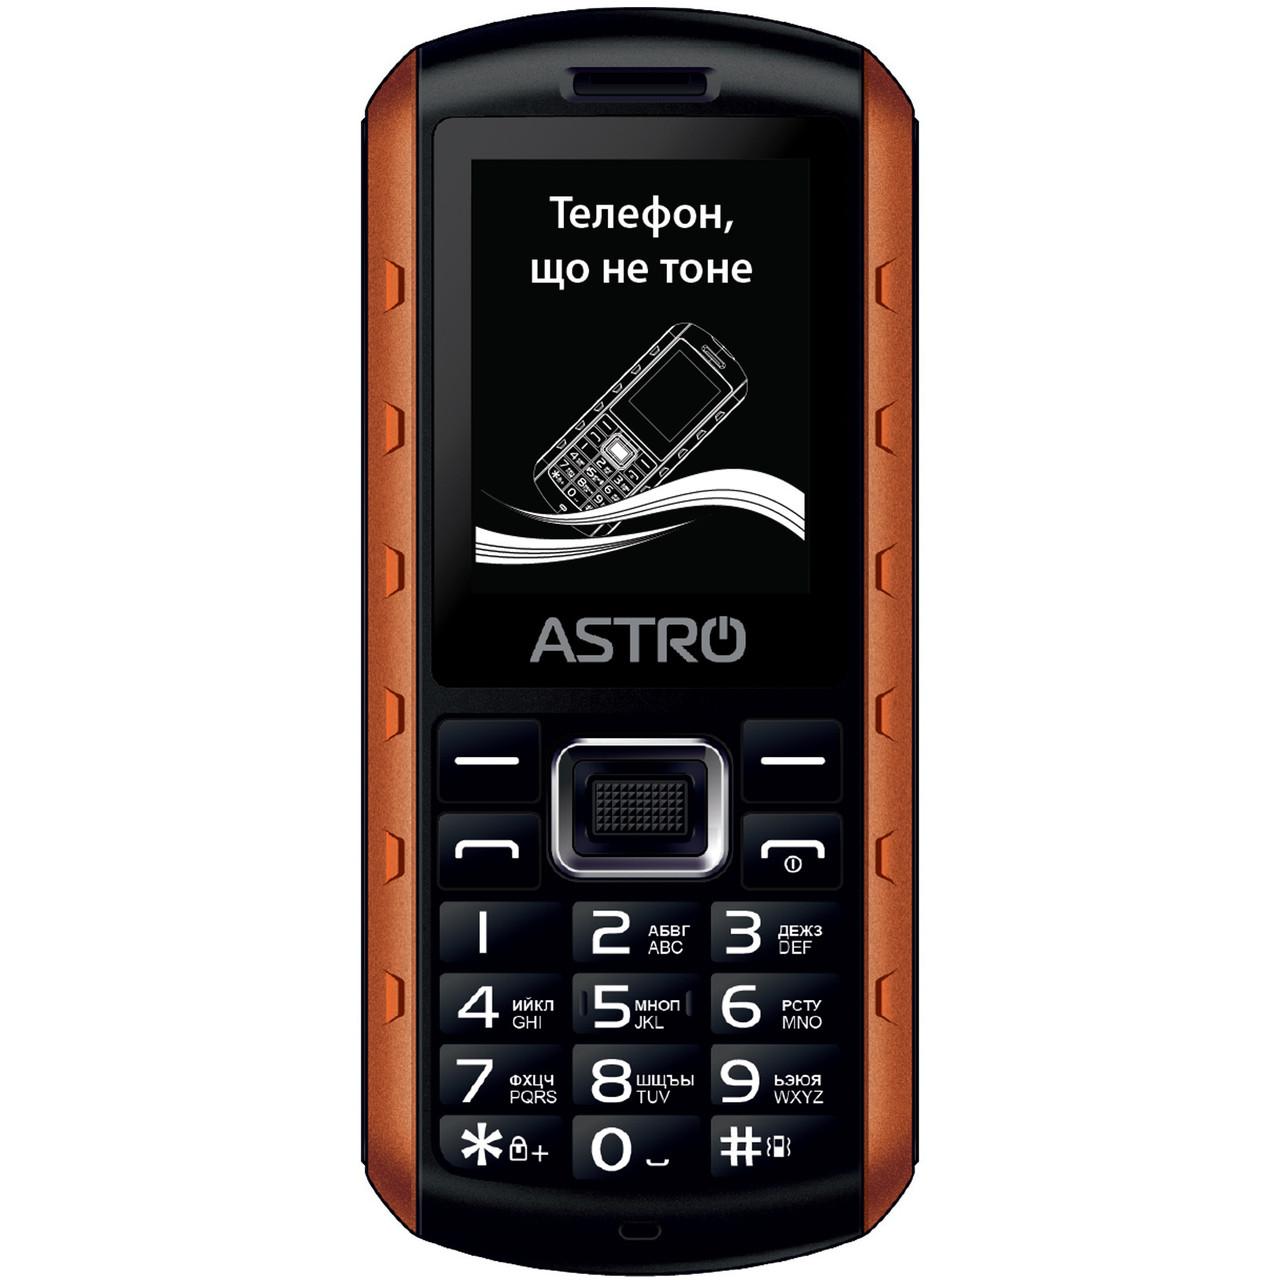 Мобильный телефон ASTRO A180 RX Orange